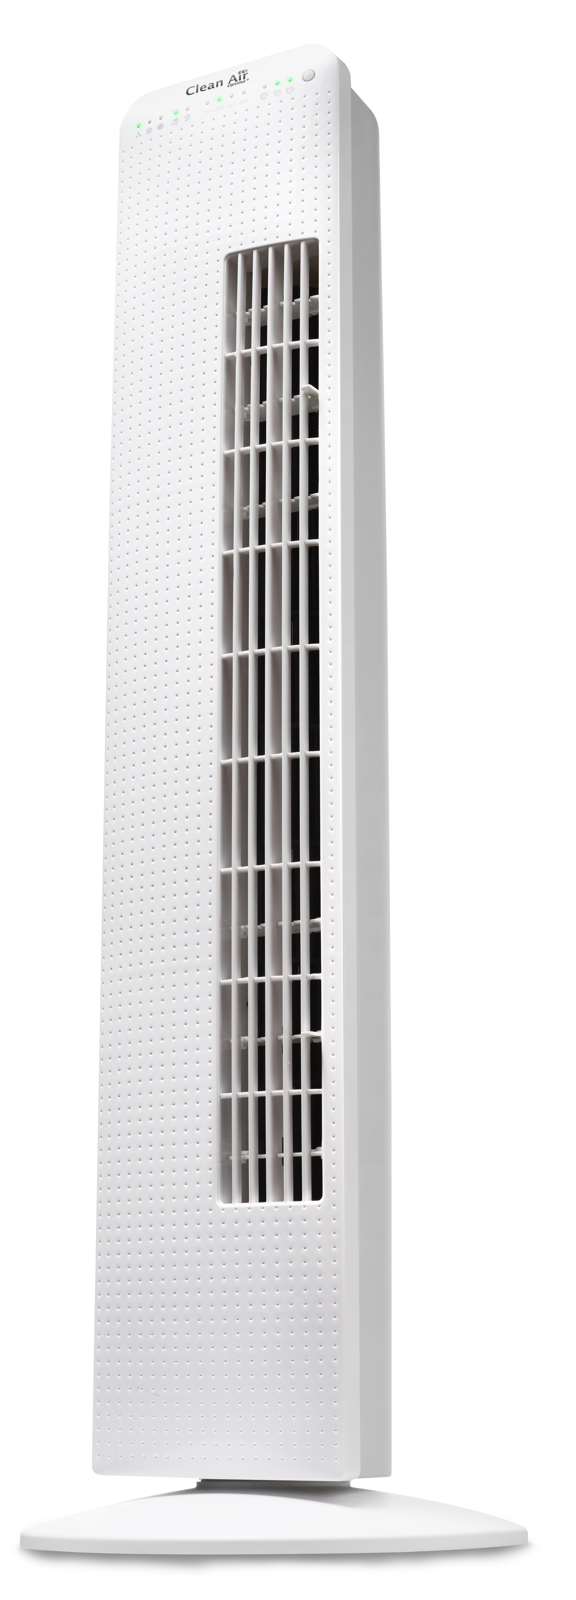 Colonne Rafraichissante luxe colonne ventilateur avec ioniseur ca-405 - purificateurs et